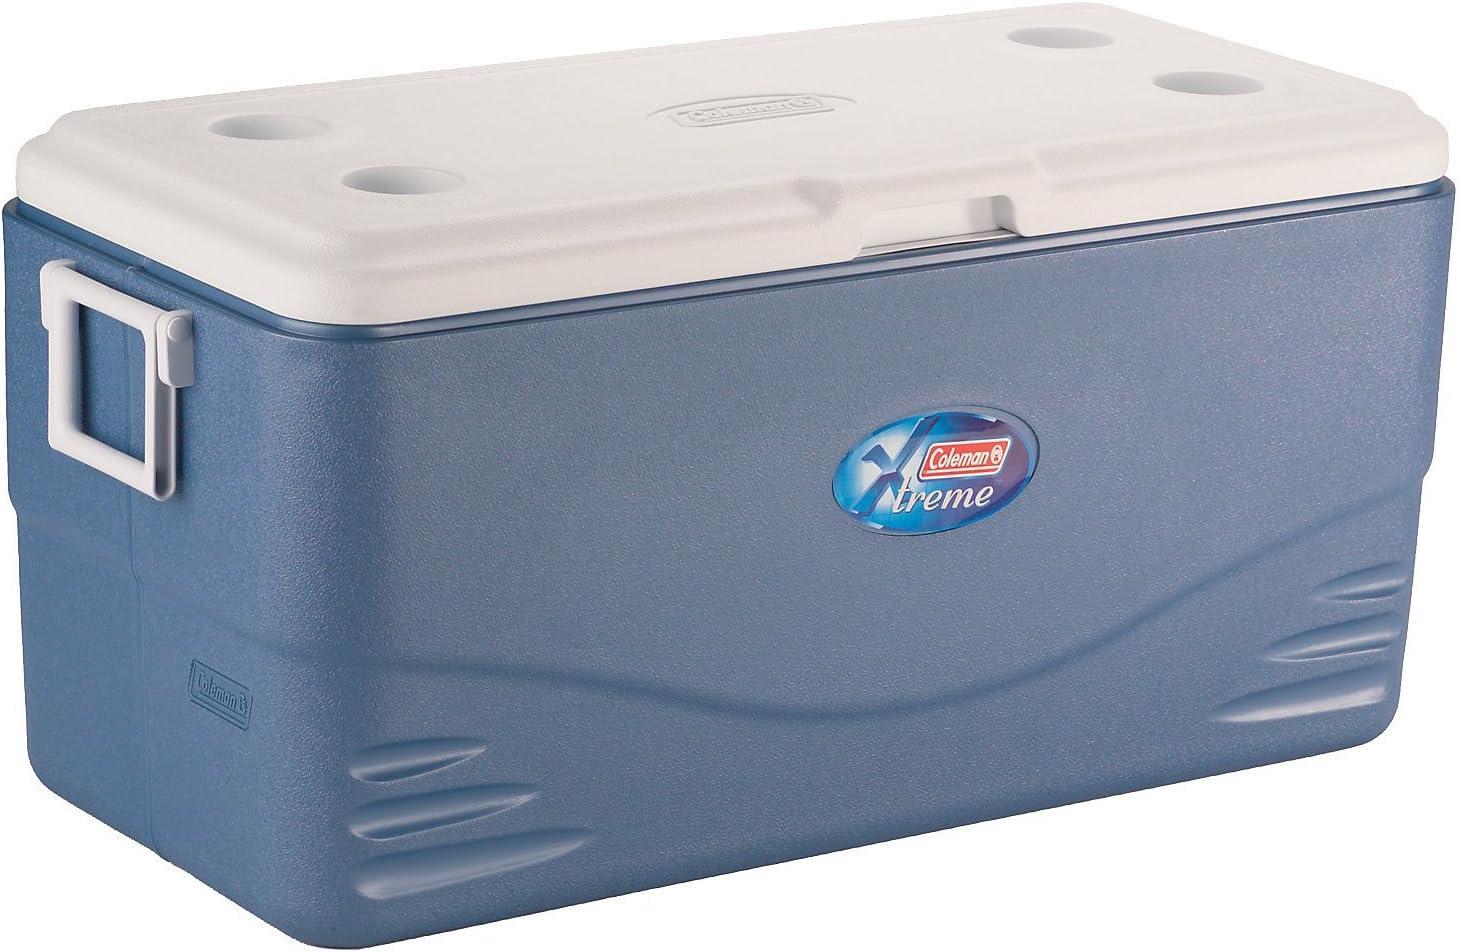 Coleman 100 Quart Xtreme 5 Cooler